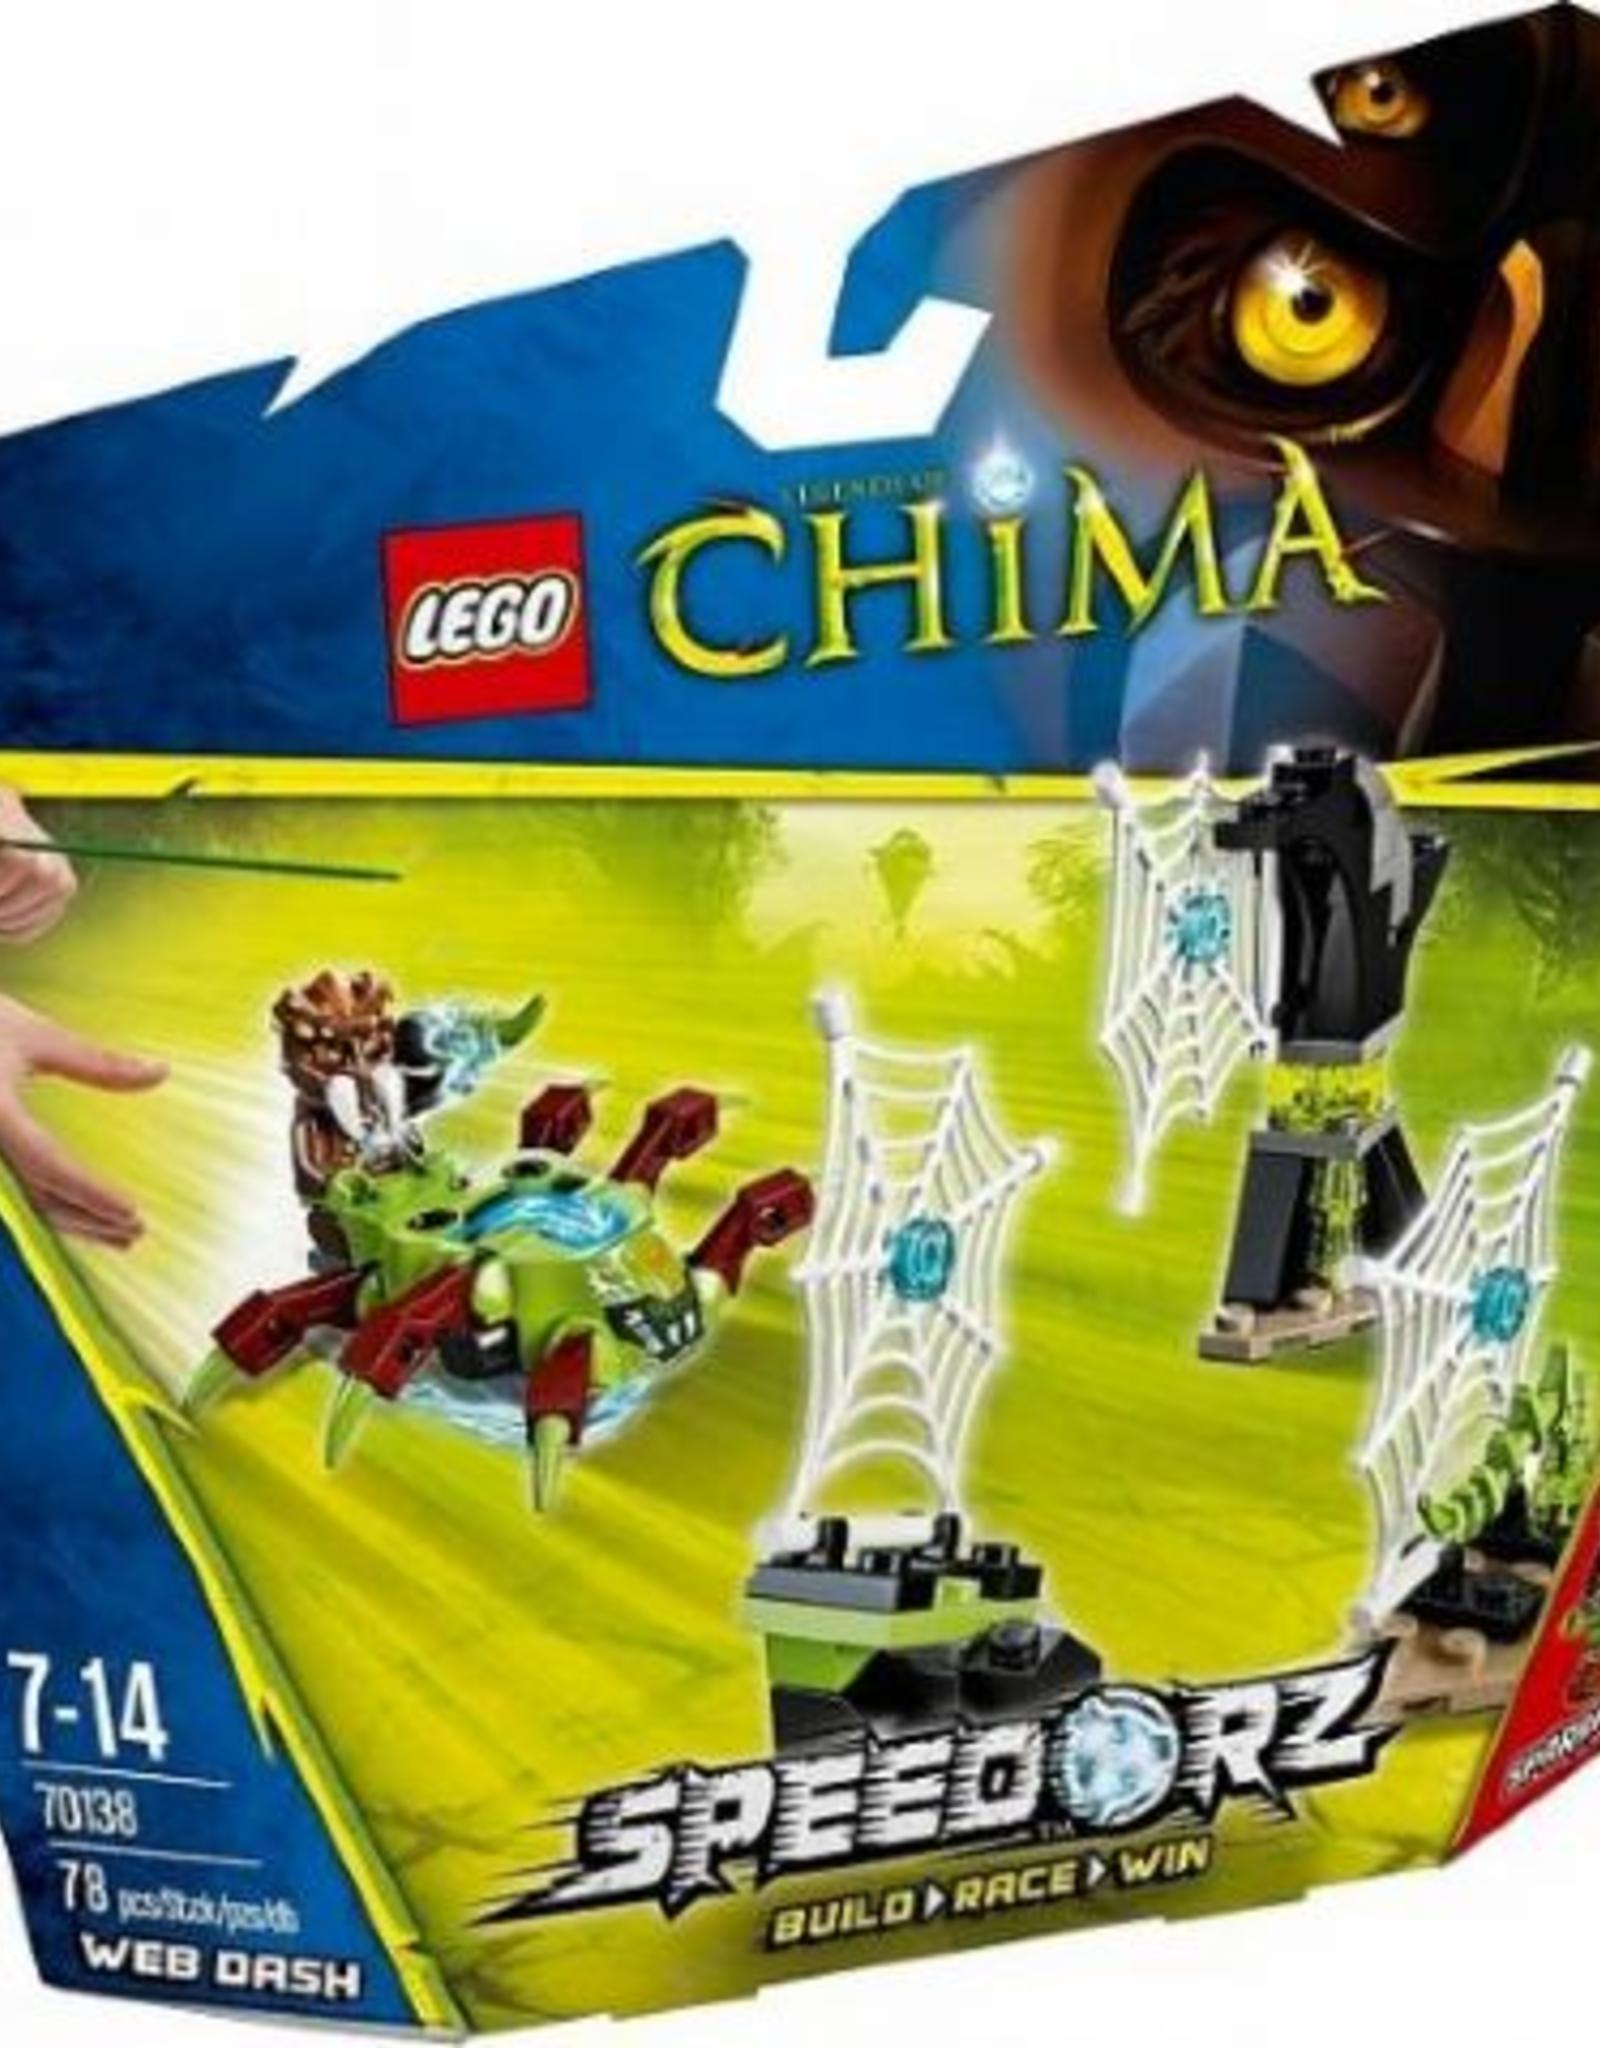 LEGO LEGO 70138 Web Dash CHIMA